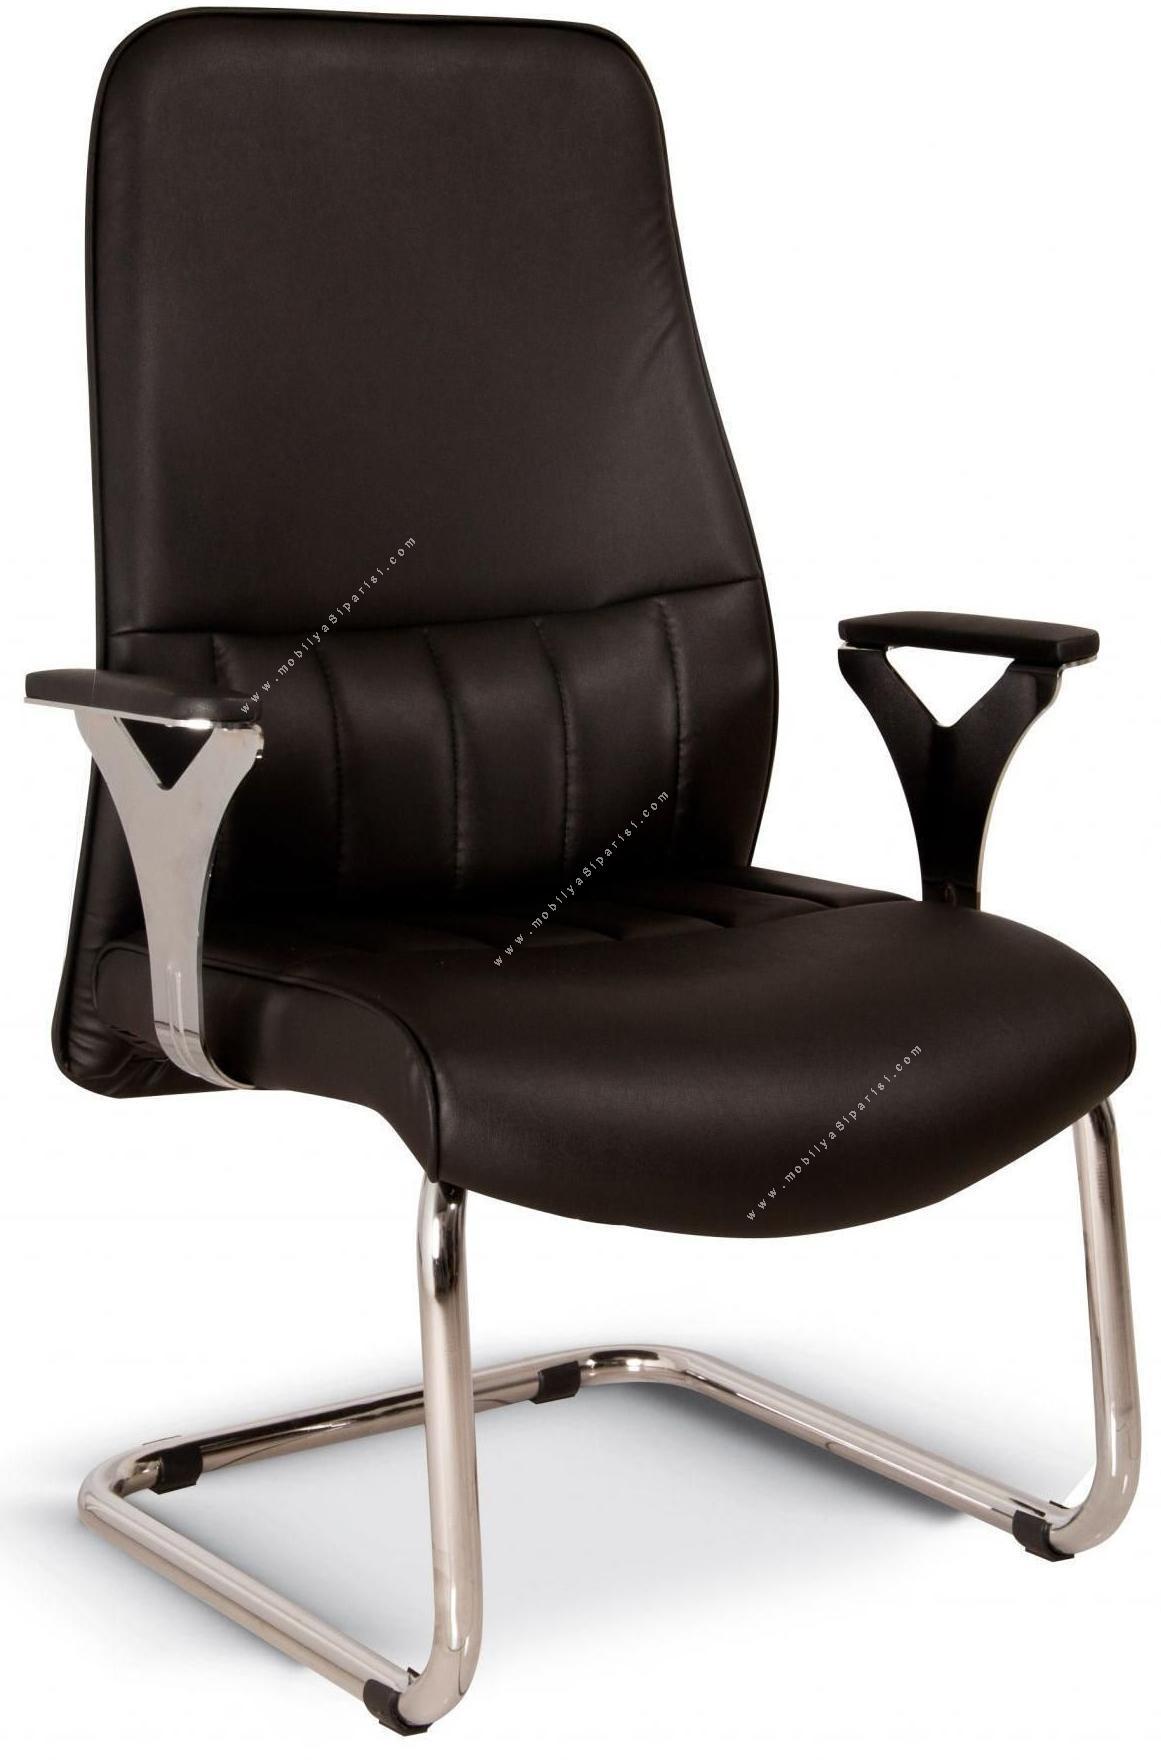 ermont u ayaklı misafir koltuğu